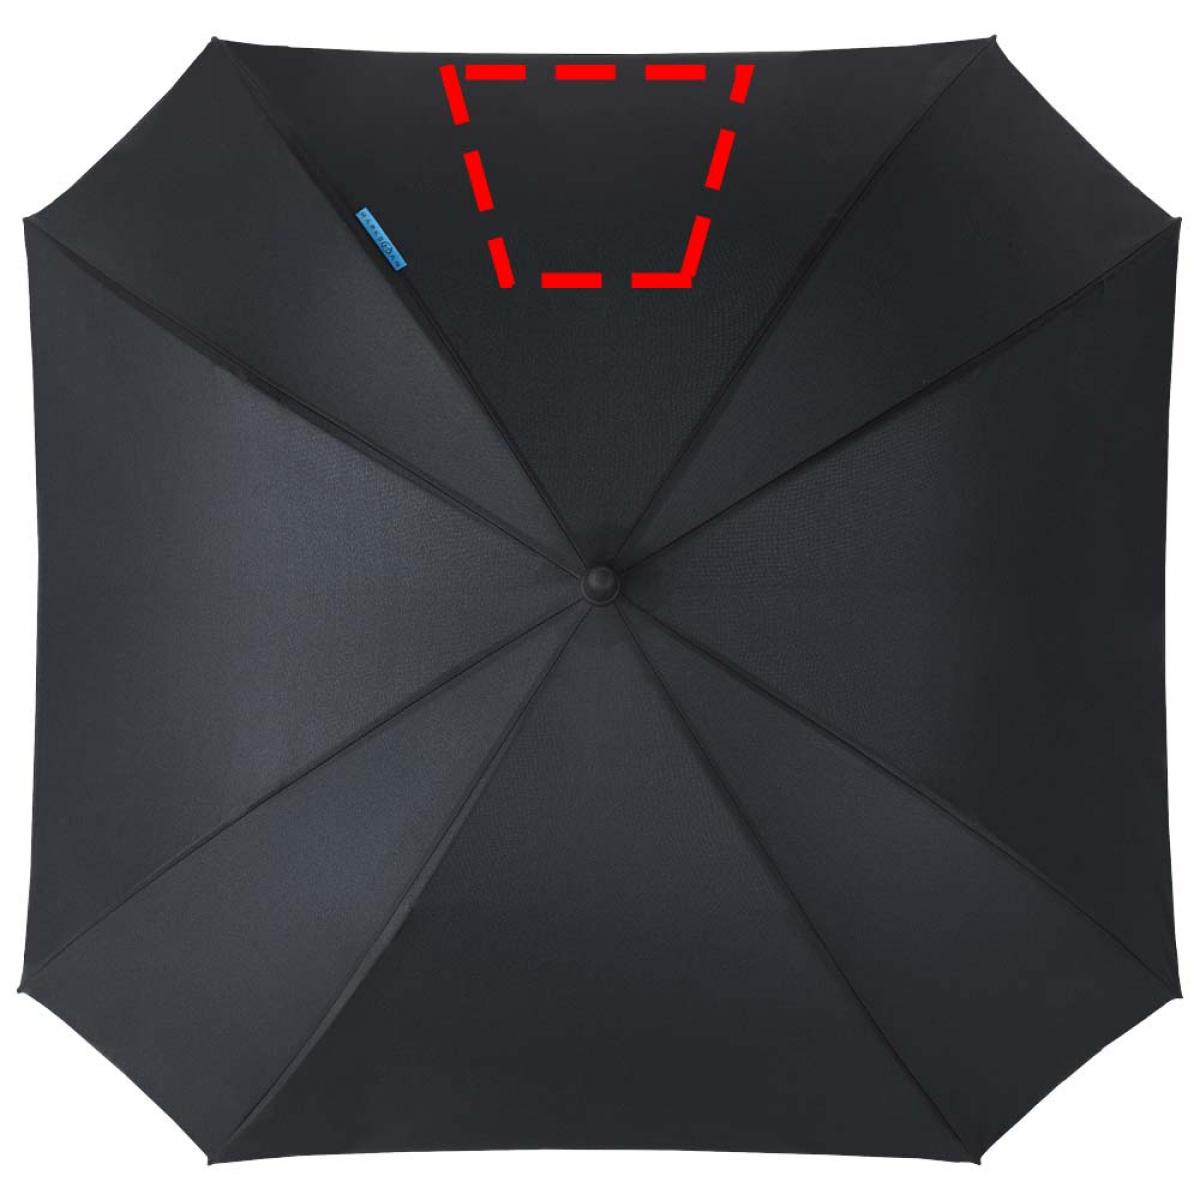 Vierkante paraplu dubbellaags - 4de grote paneel